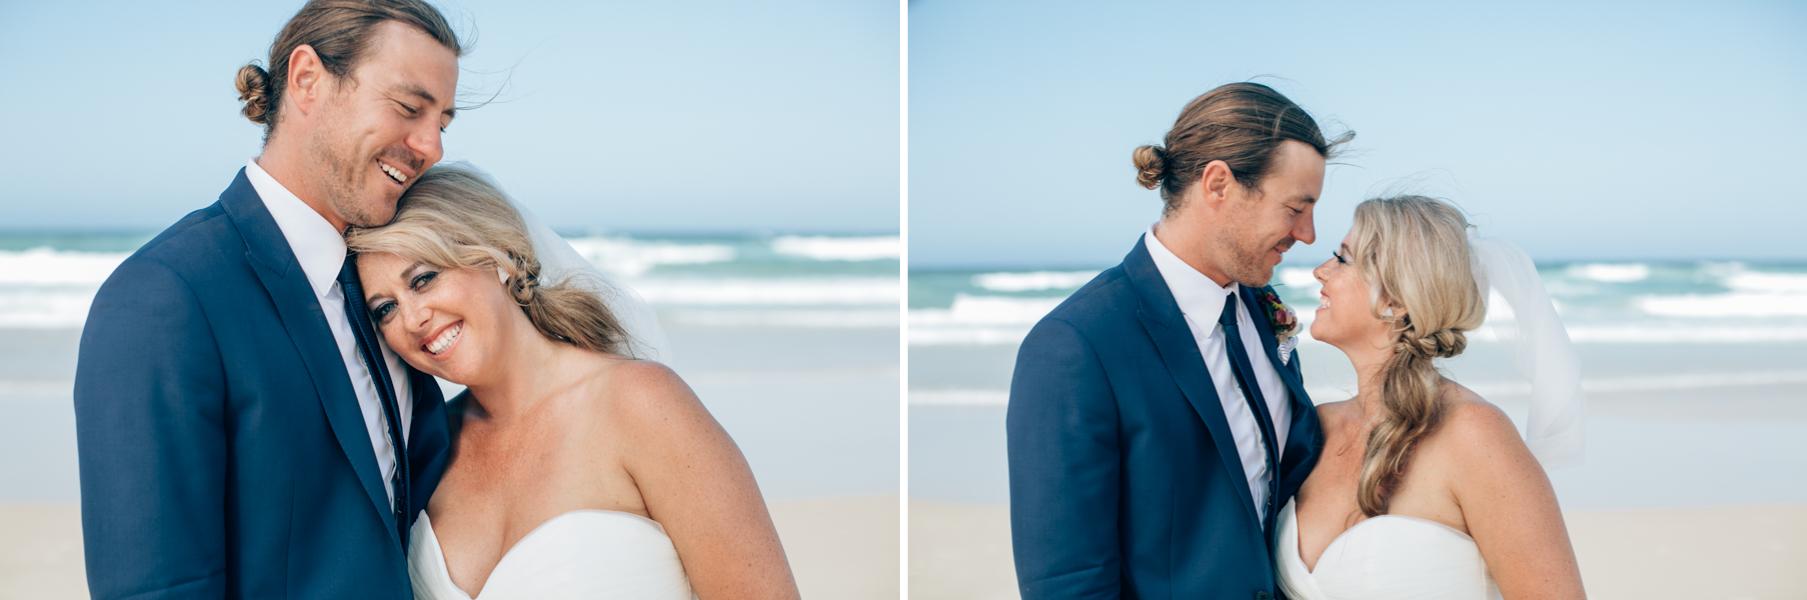 Erin & Craig Byron Bay Wedding Photography 20.jpg